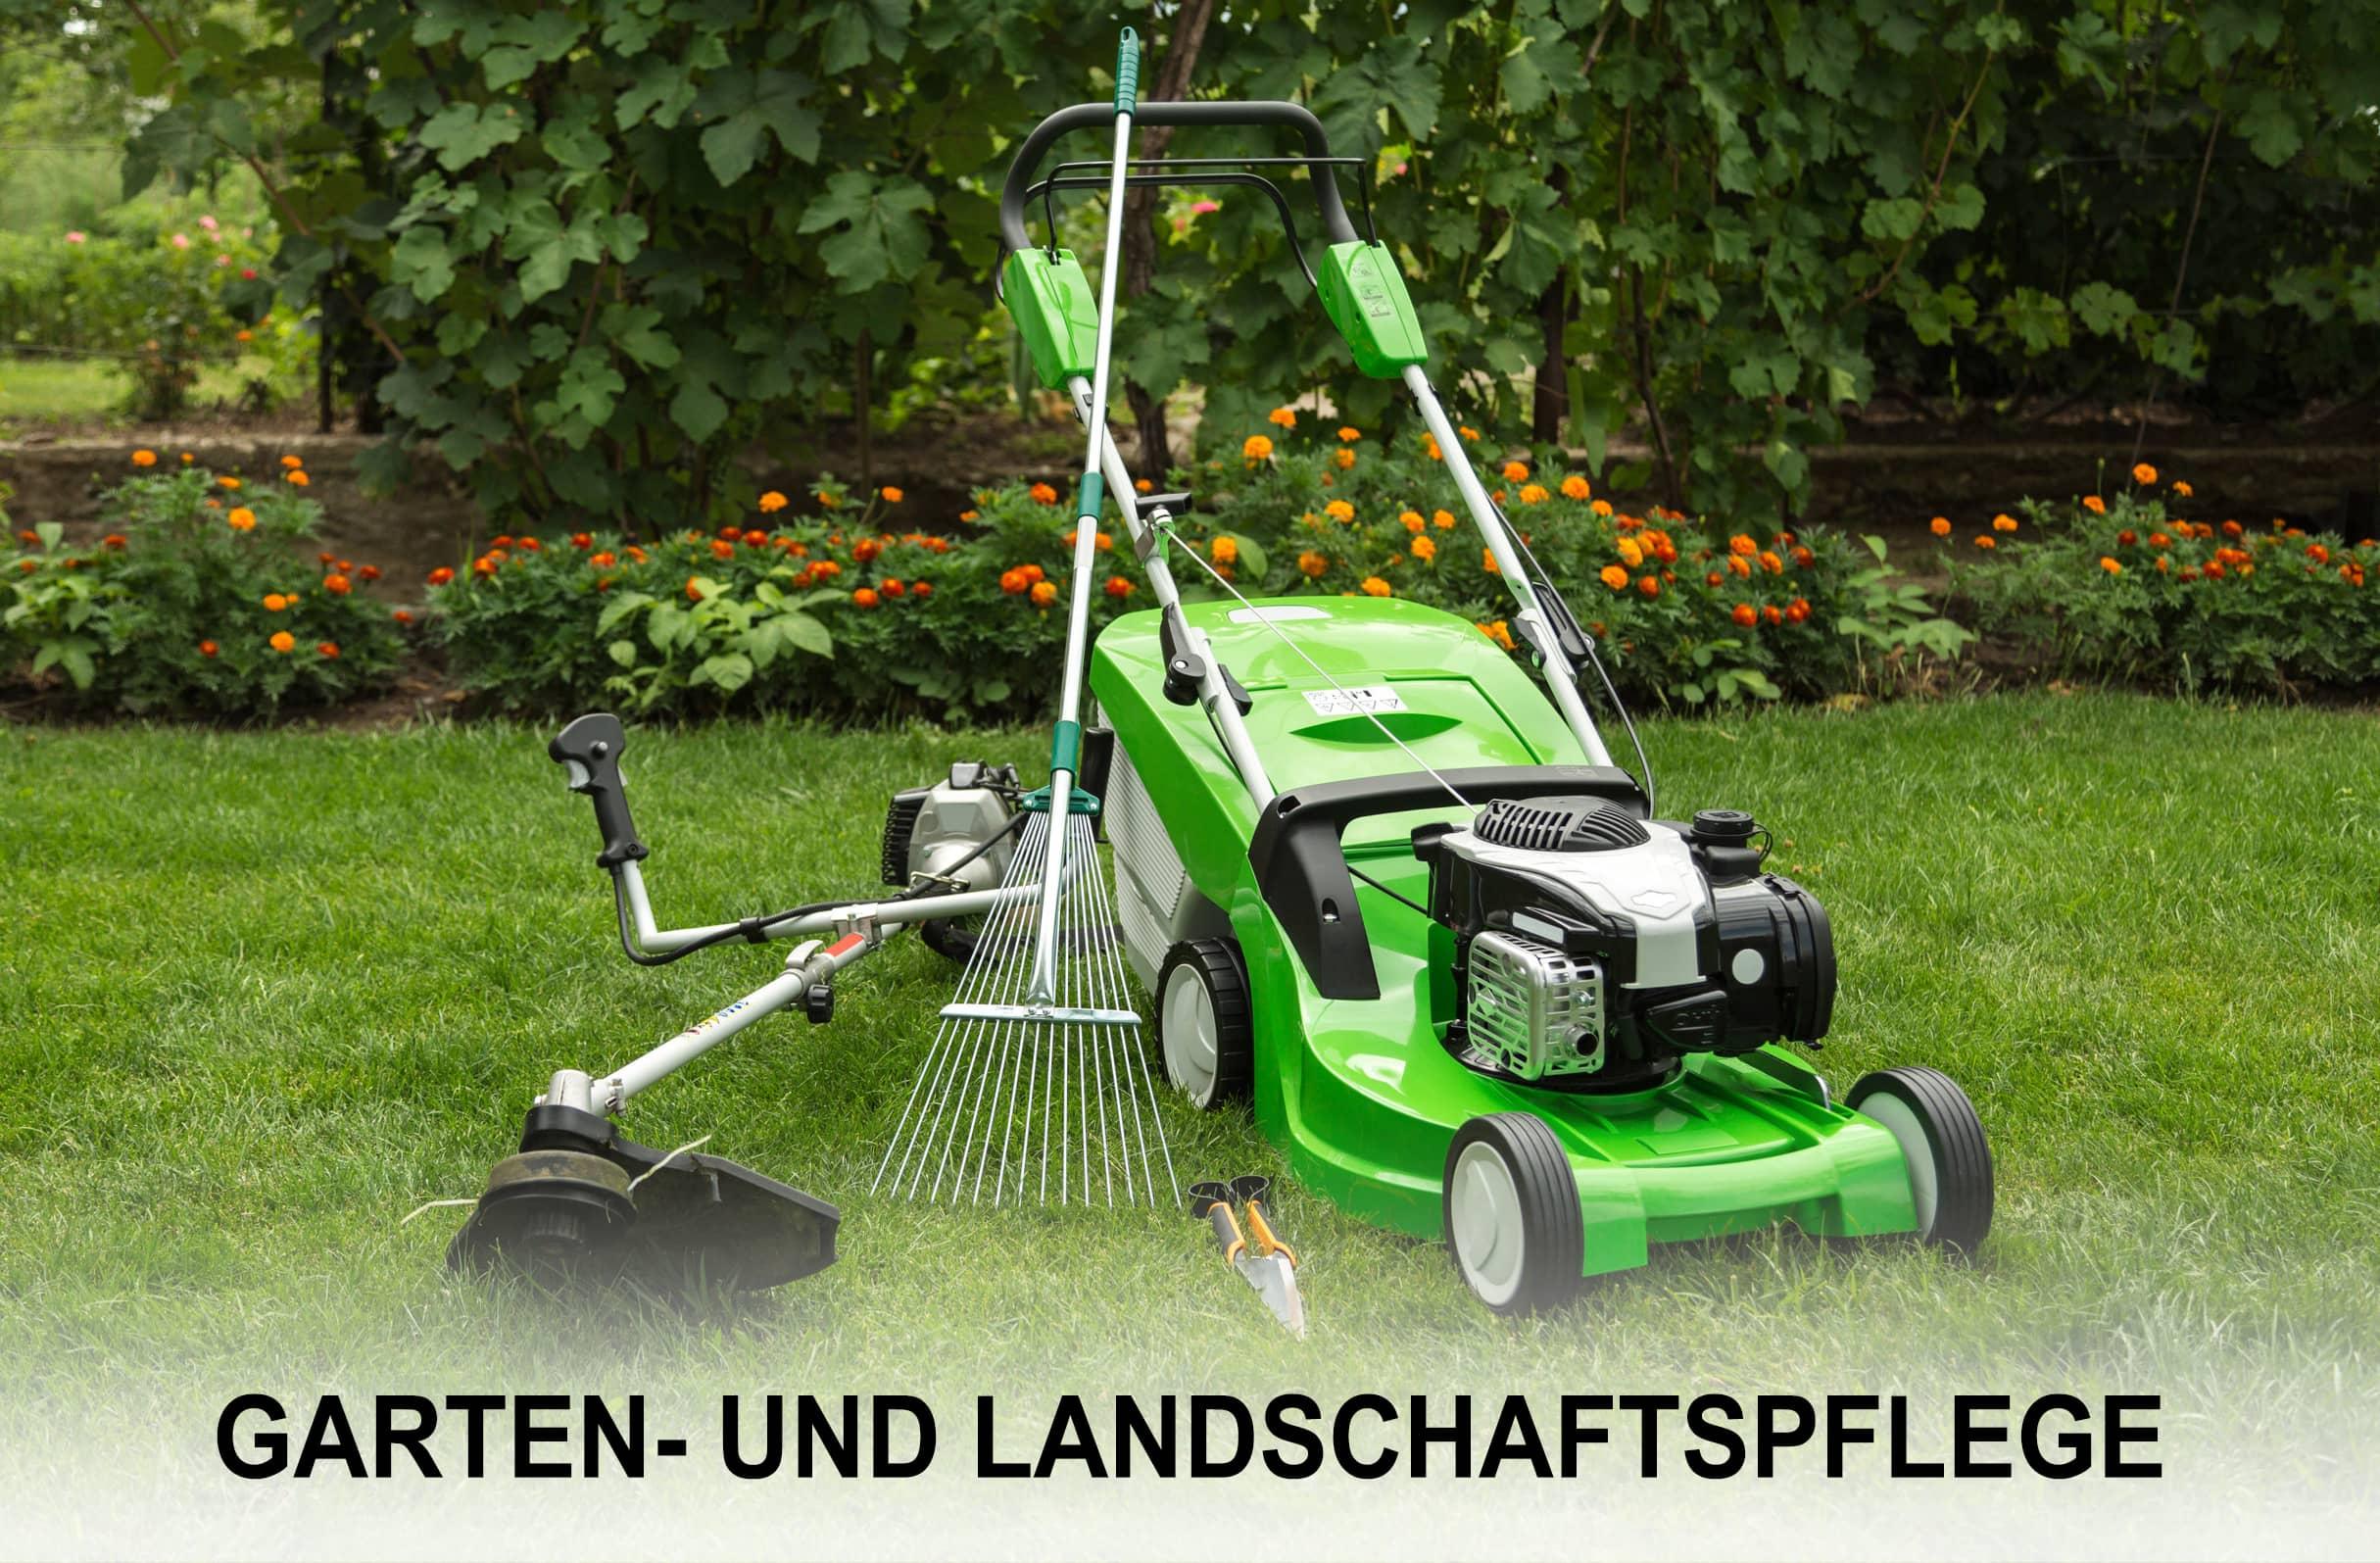 Garten- und Landschaftspflege